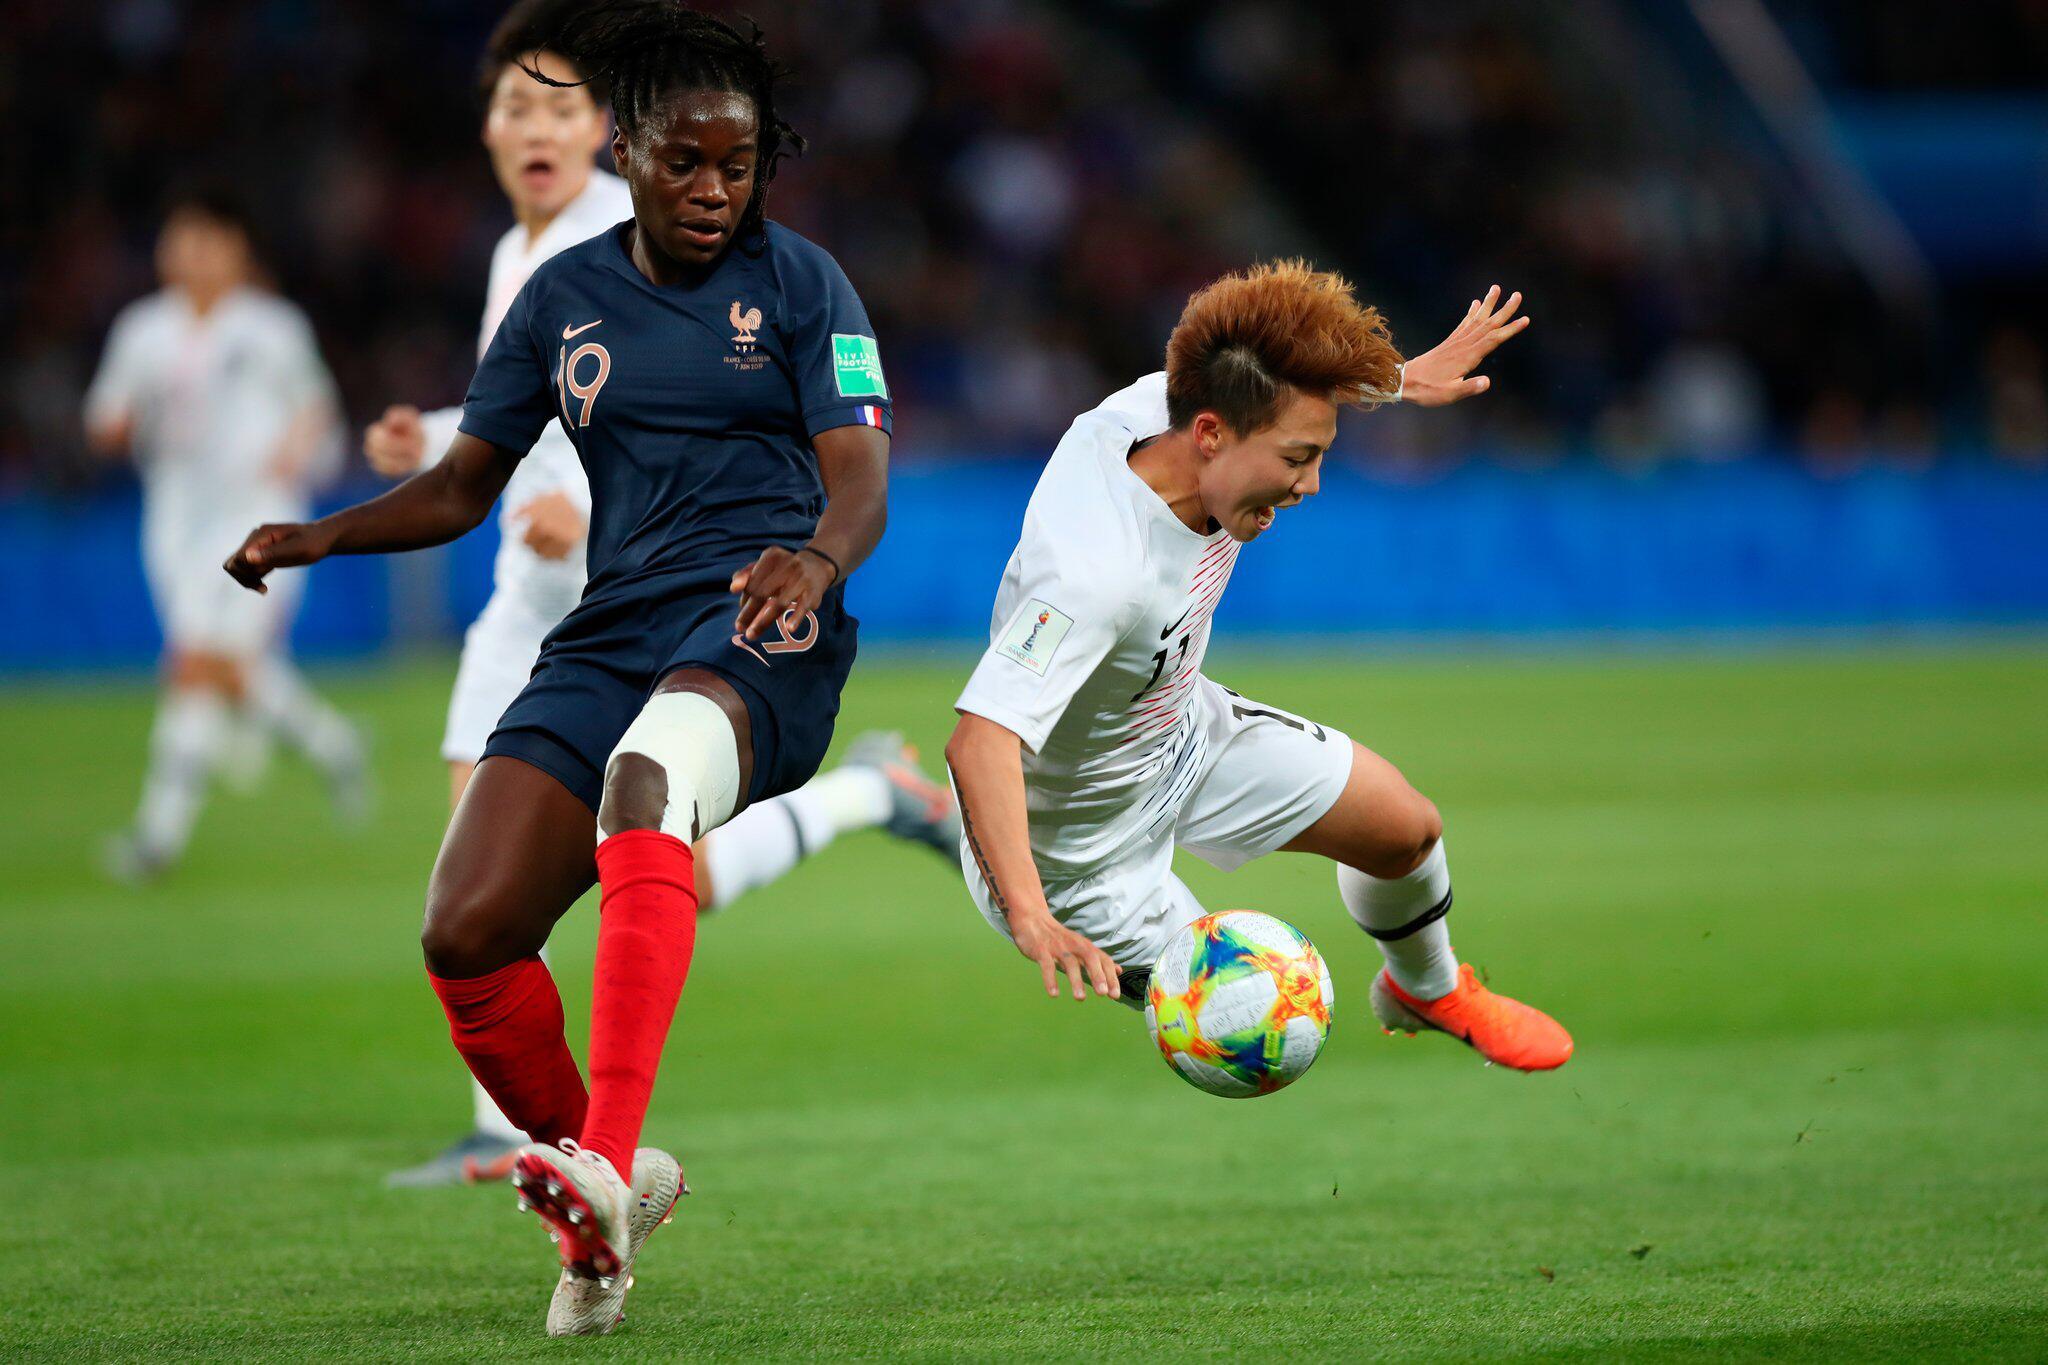 Bild zu Frauen-Fußball-WM: Frankreich - Südkorea